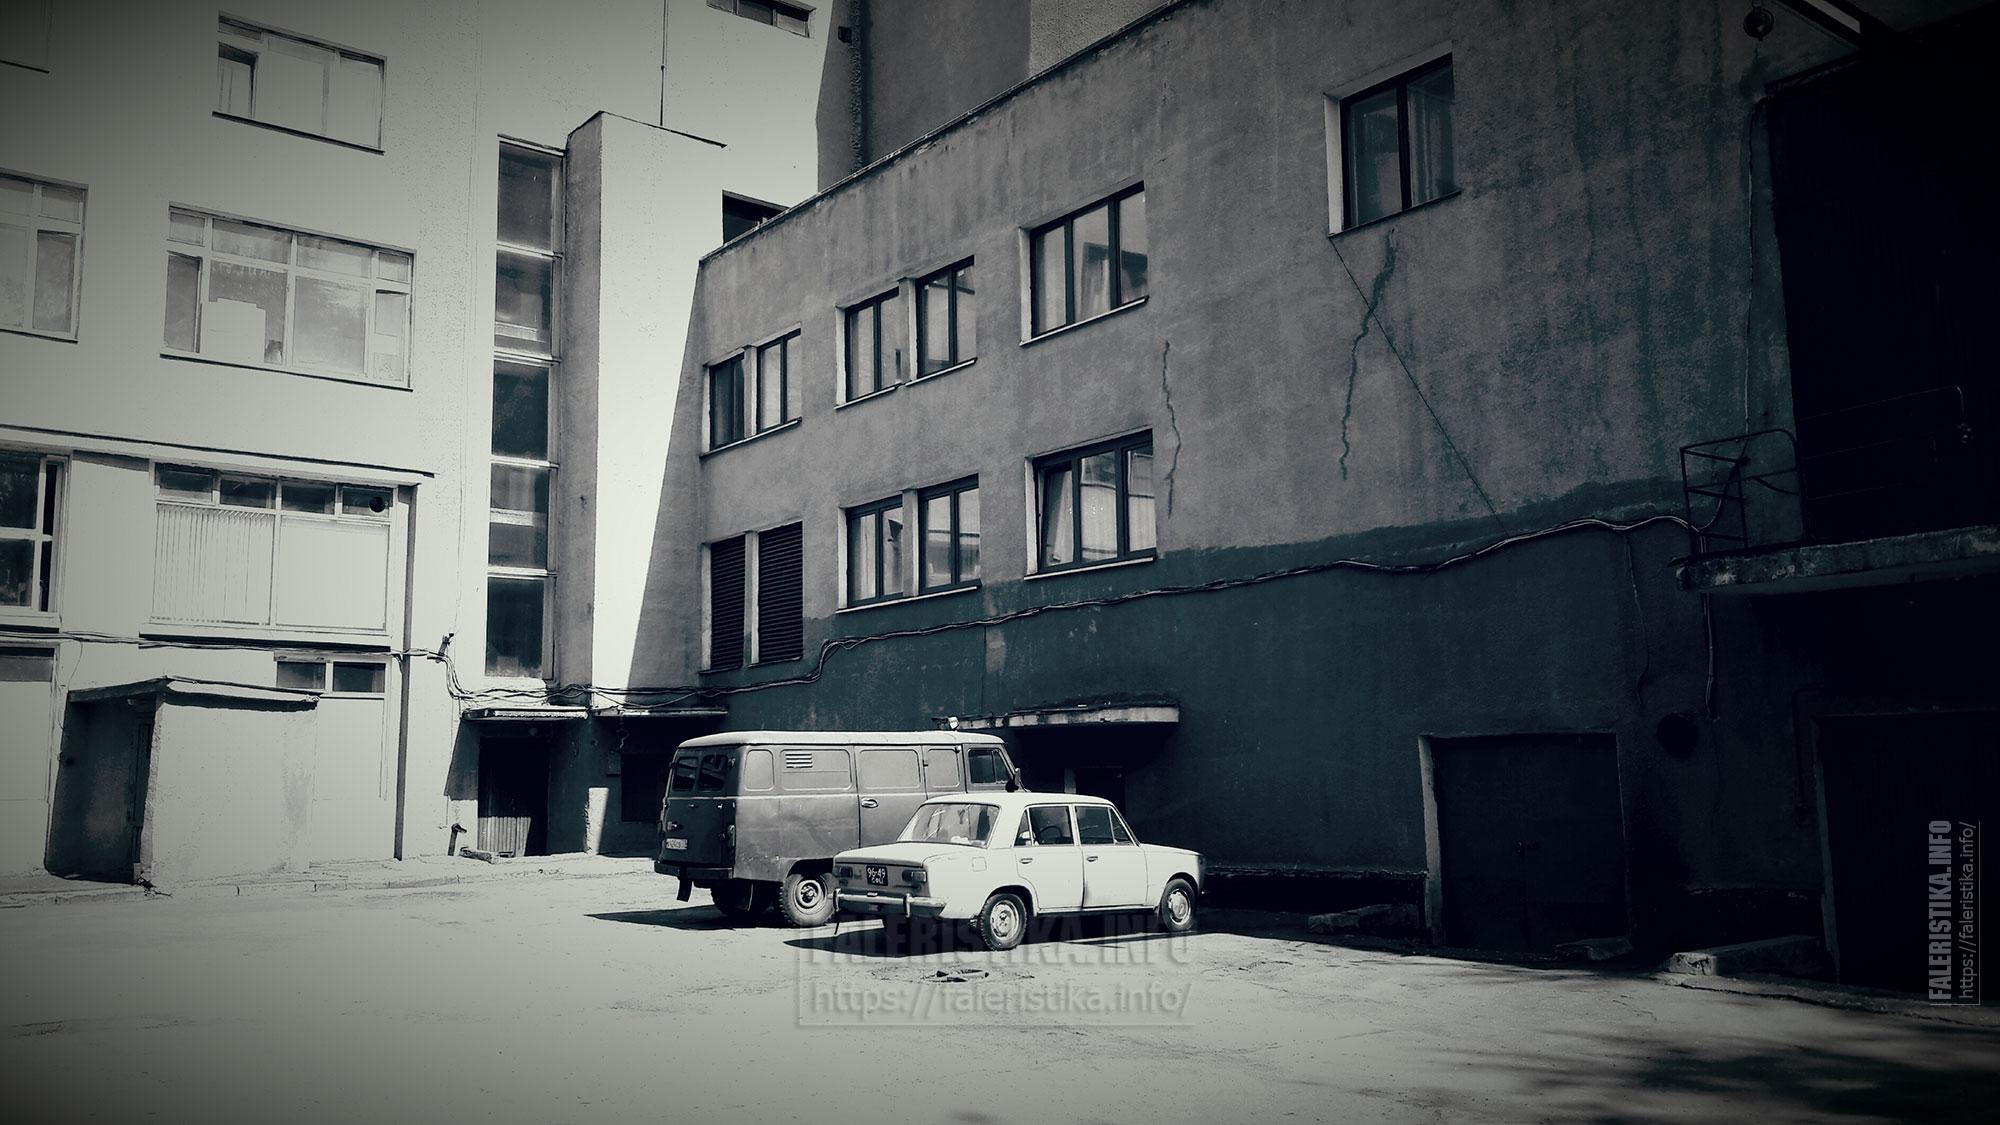 Практически советский вид: предприятие и немного транспорта (один автомобильный номер современный)